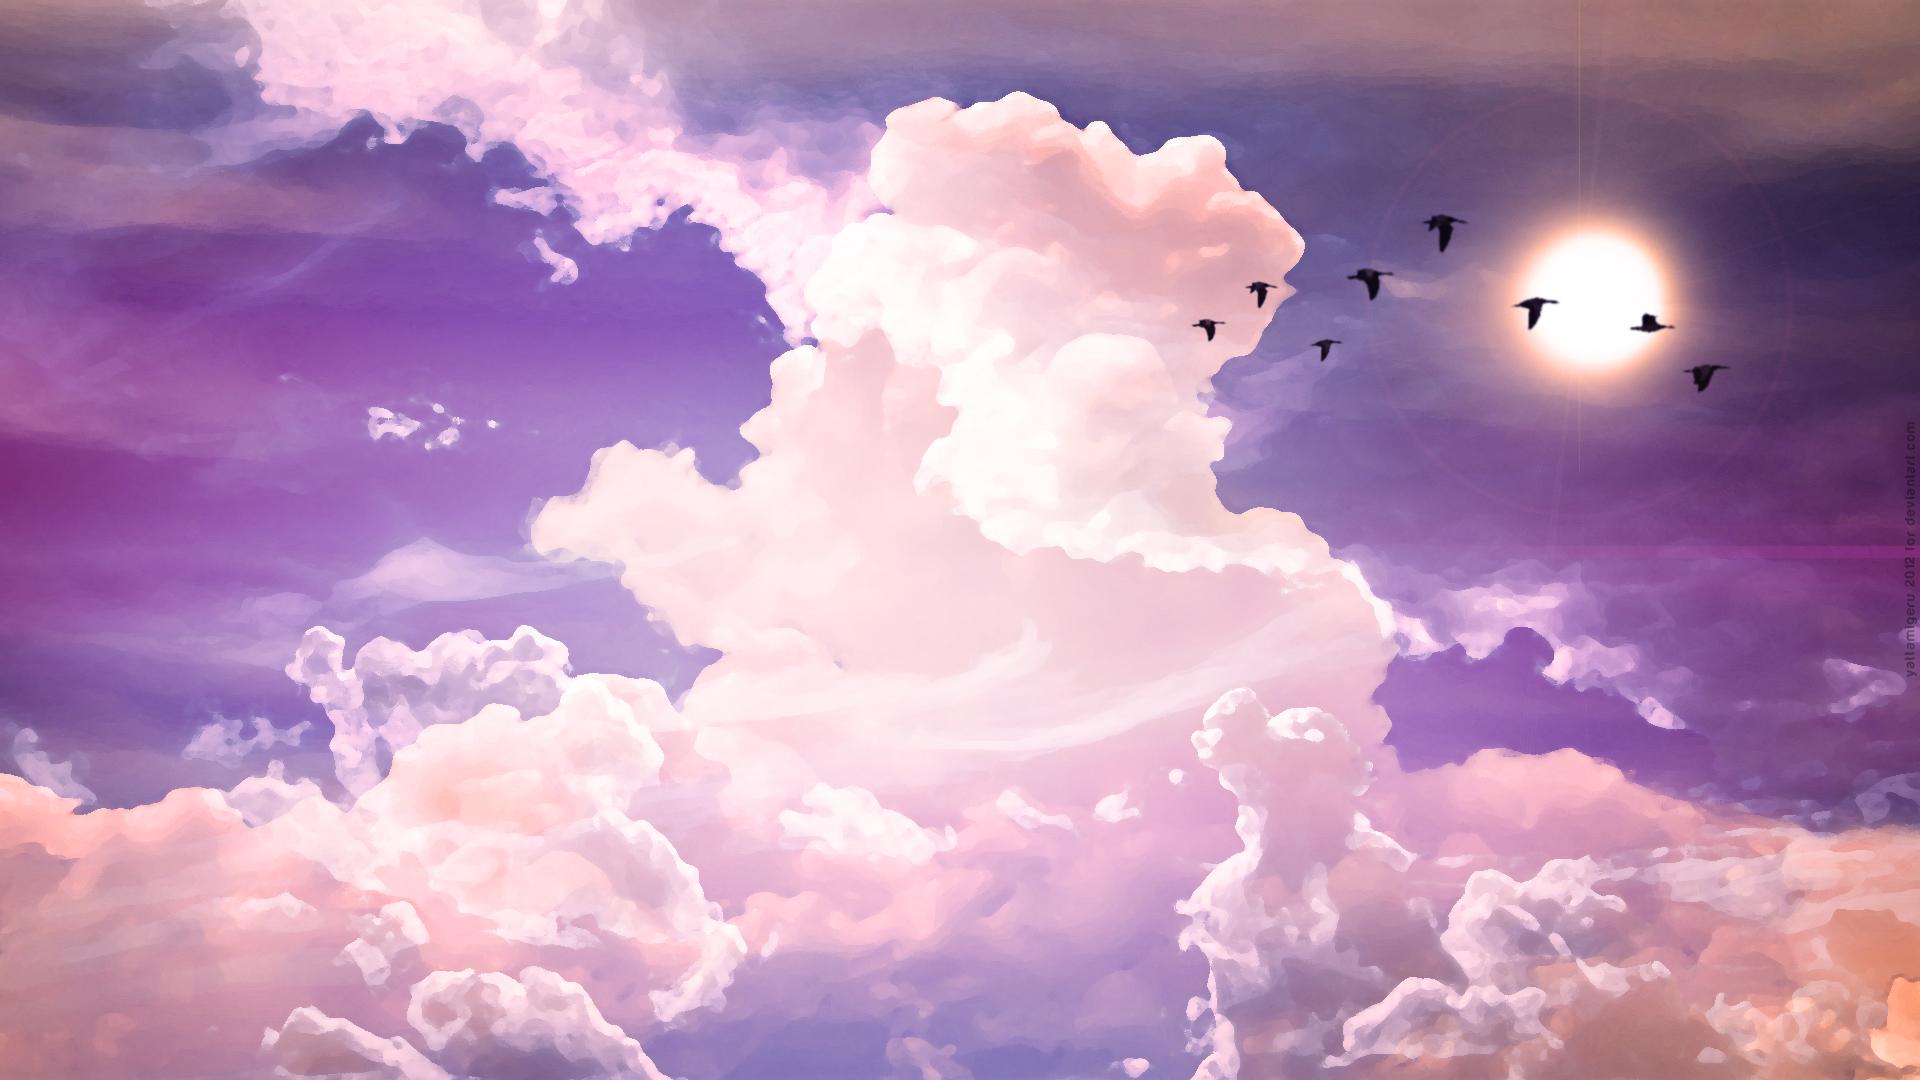 Wallpaper Lavender 1920x1080 1920x1080